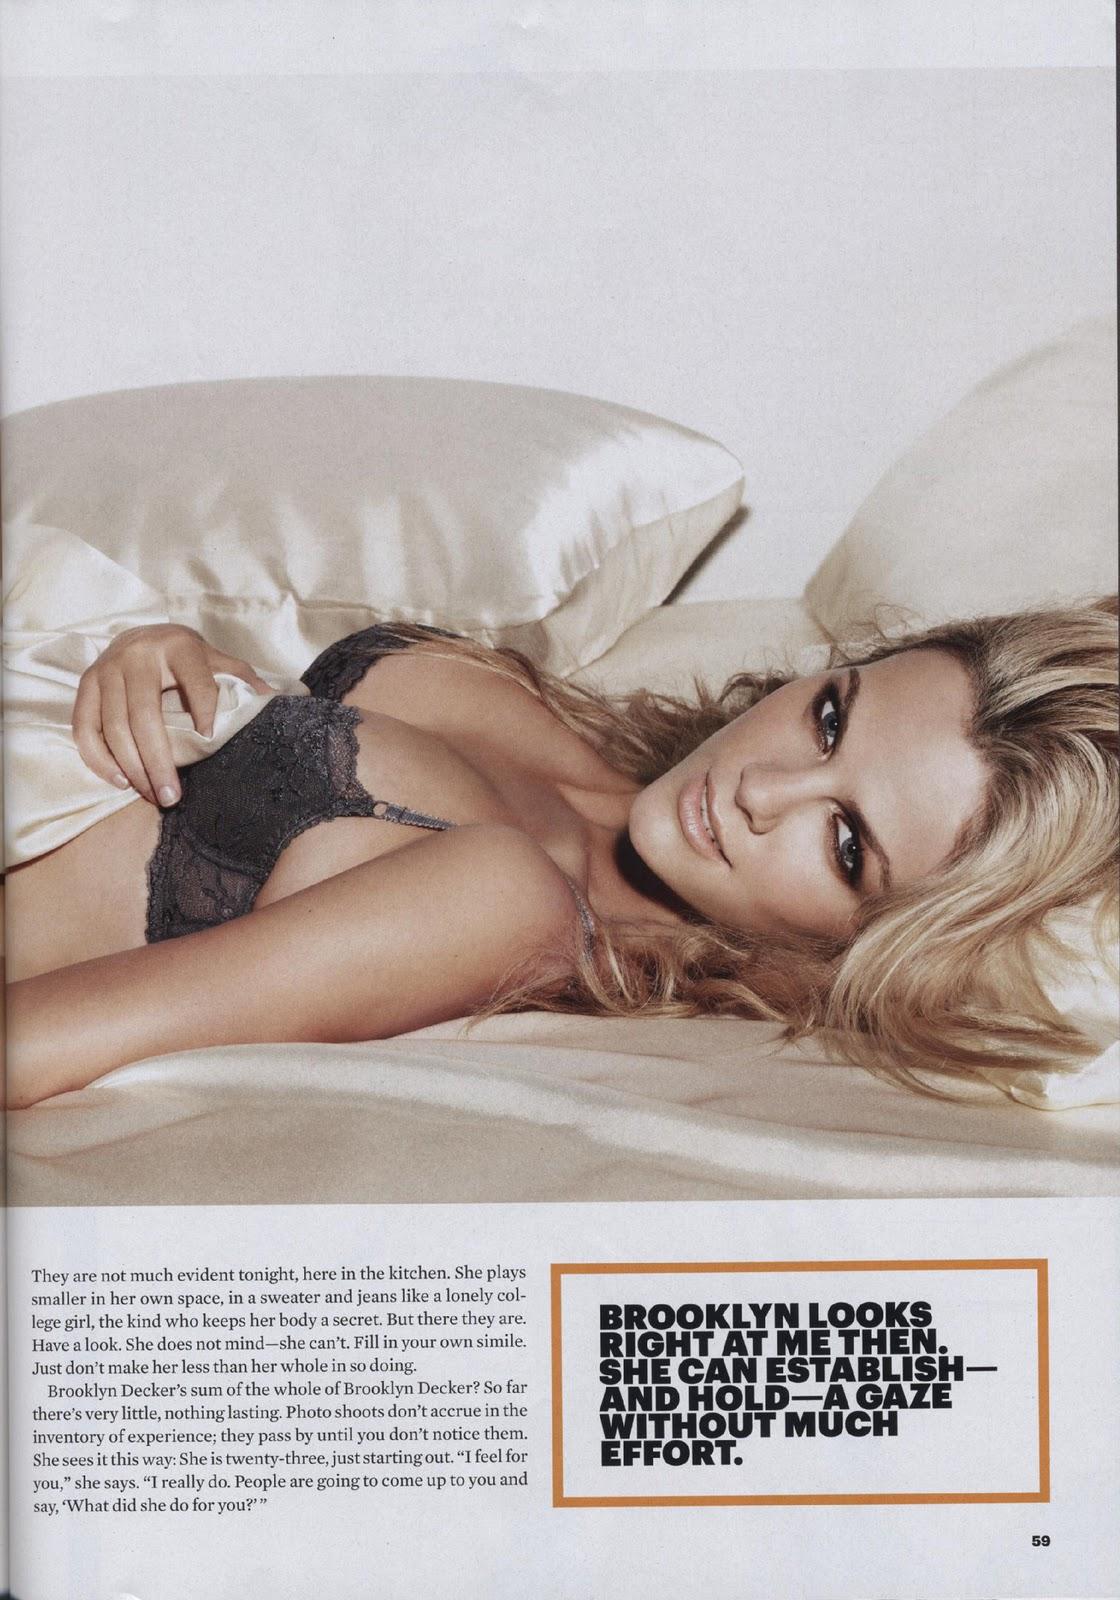 http://3.bp.blogspot.com/_Jl-Jl0Wmy4w/TTtX4b51IjI/AAAAAAAAAOQ/_JbRNsOvZD4/s1600/www.expostas.com+Brooklyn+Decker+_+Esquire+Magazine+%2527%2527February+2011%2527%2527+006.jpg